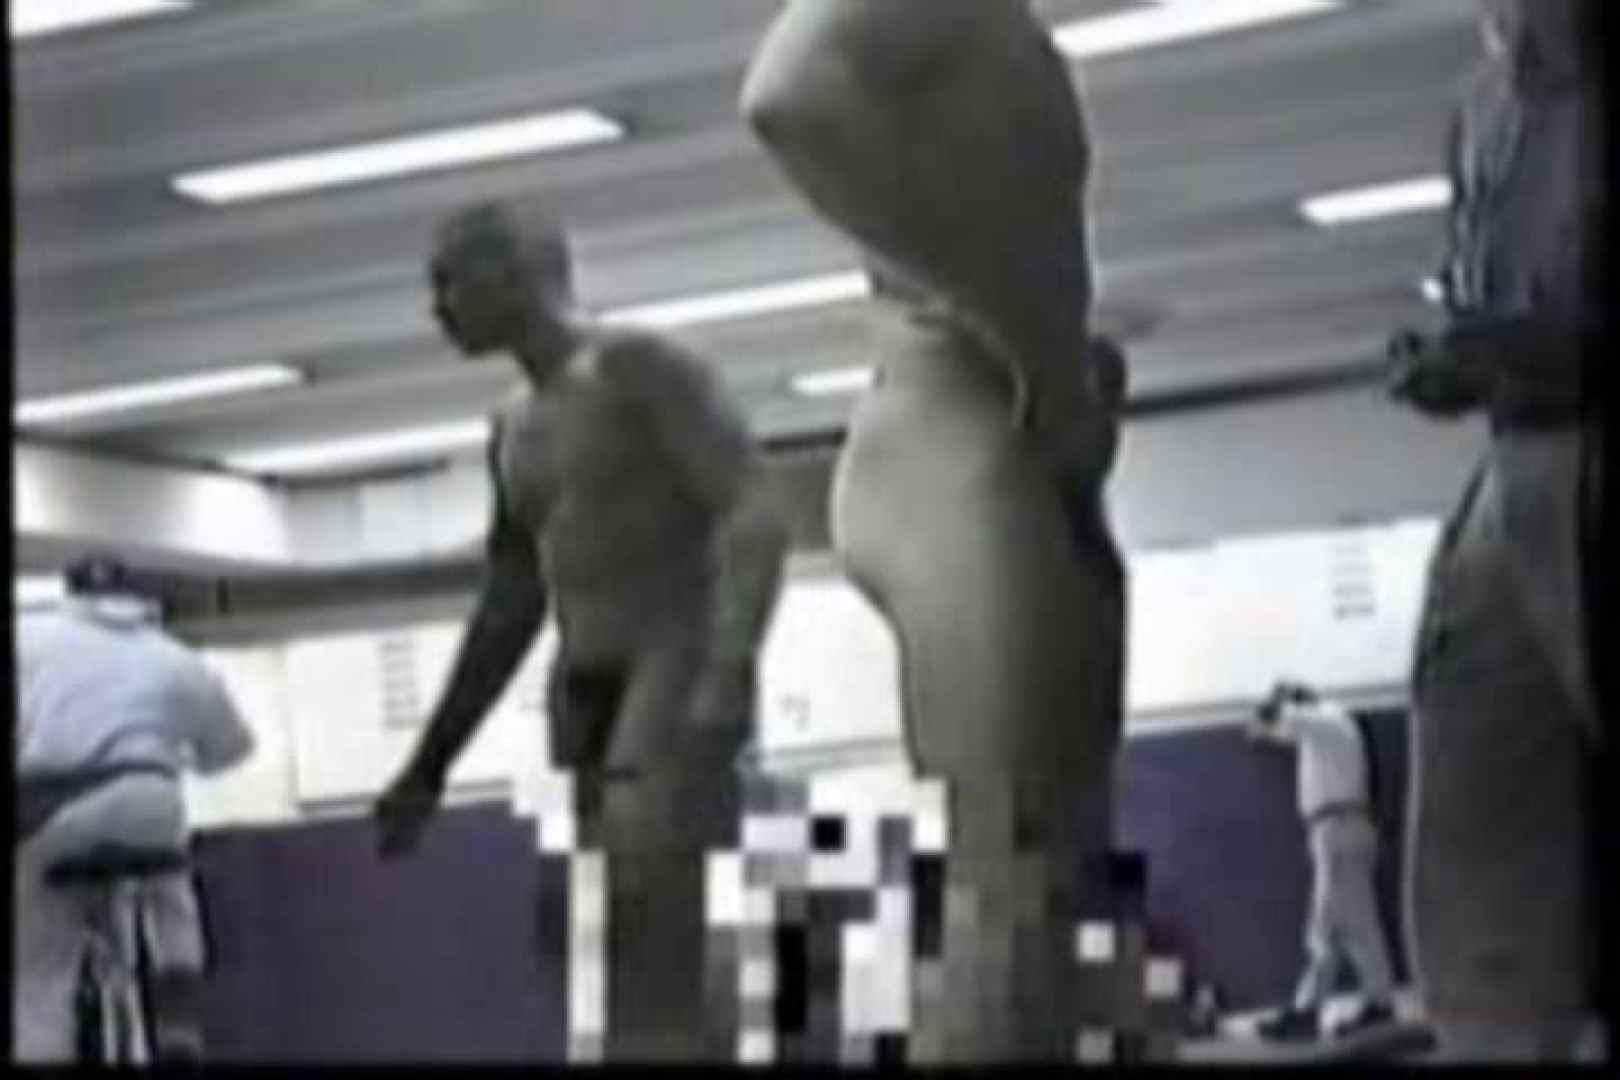 洋人さんの脱衣所を覗いてみました。VOL.8 のぞき   ガチムチマッチョ系  93pic 50